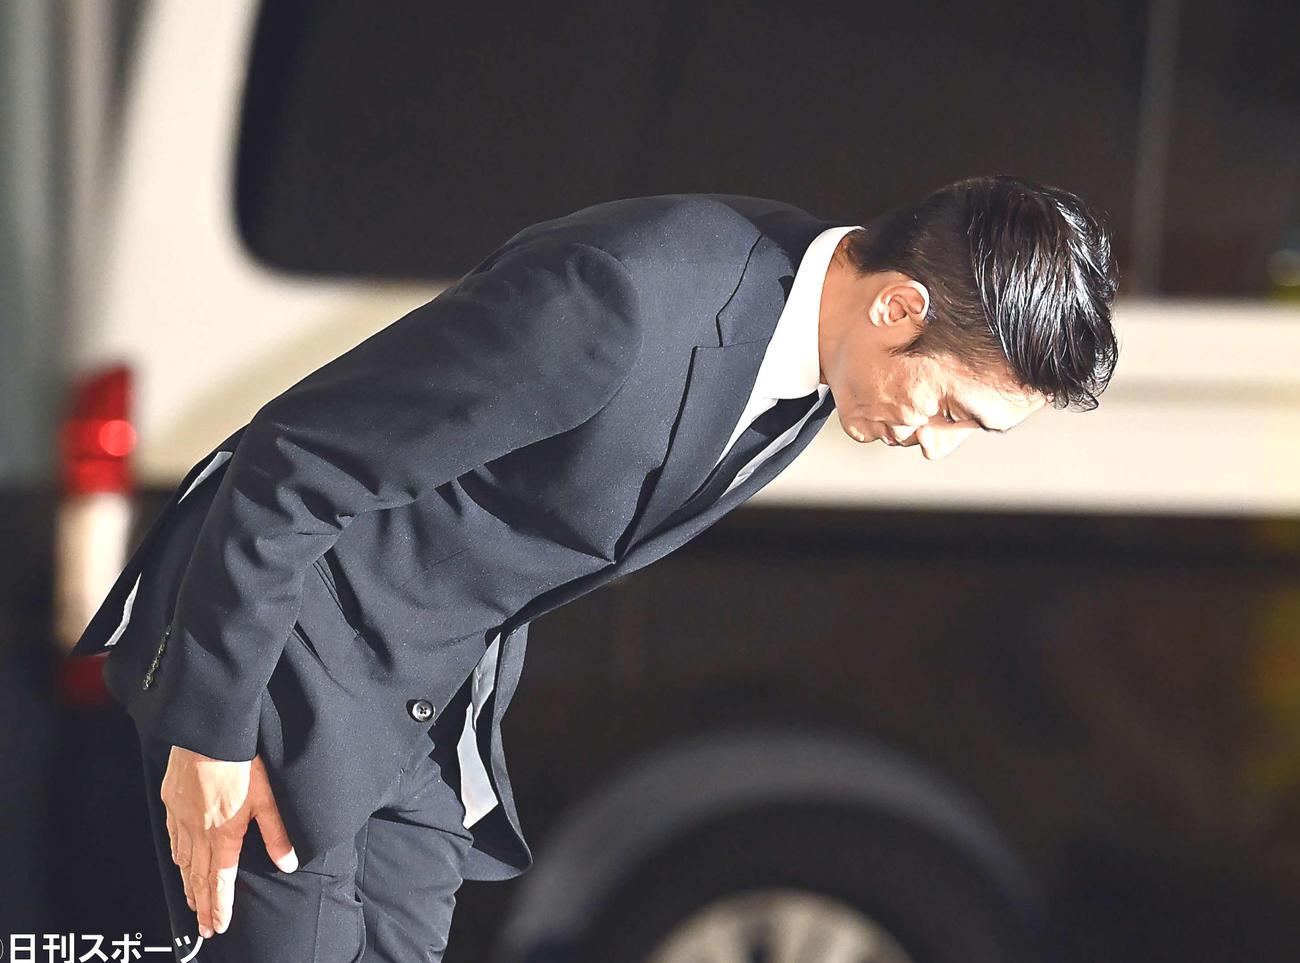 保釈される伊勢谷友介被告(撮影・たえ見朱実)